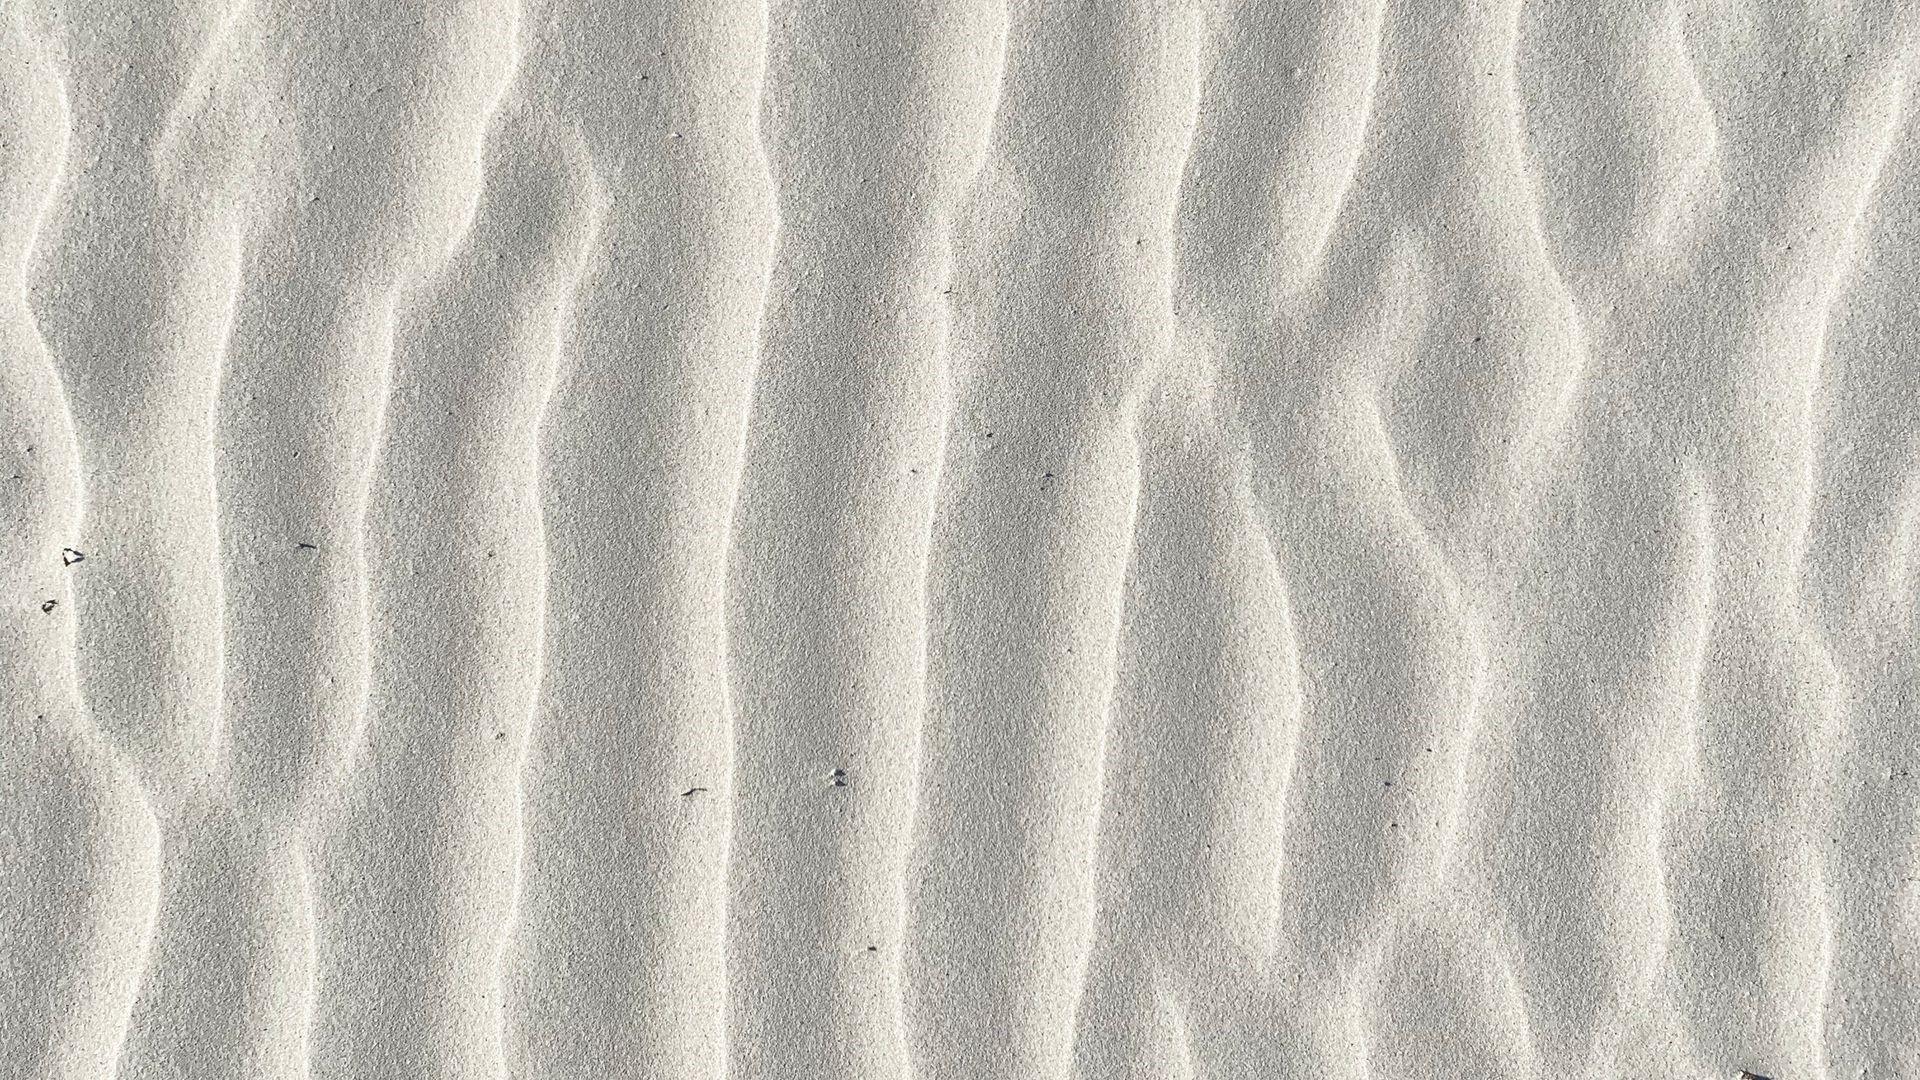 Texture Sand Wallpaper